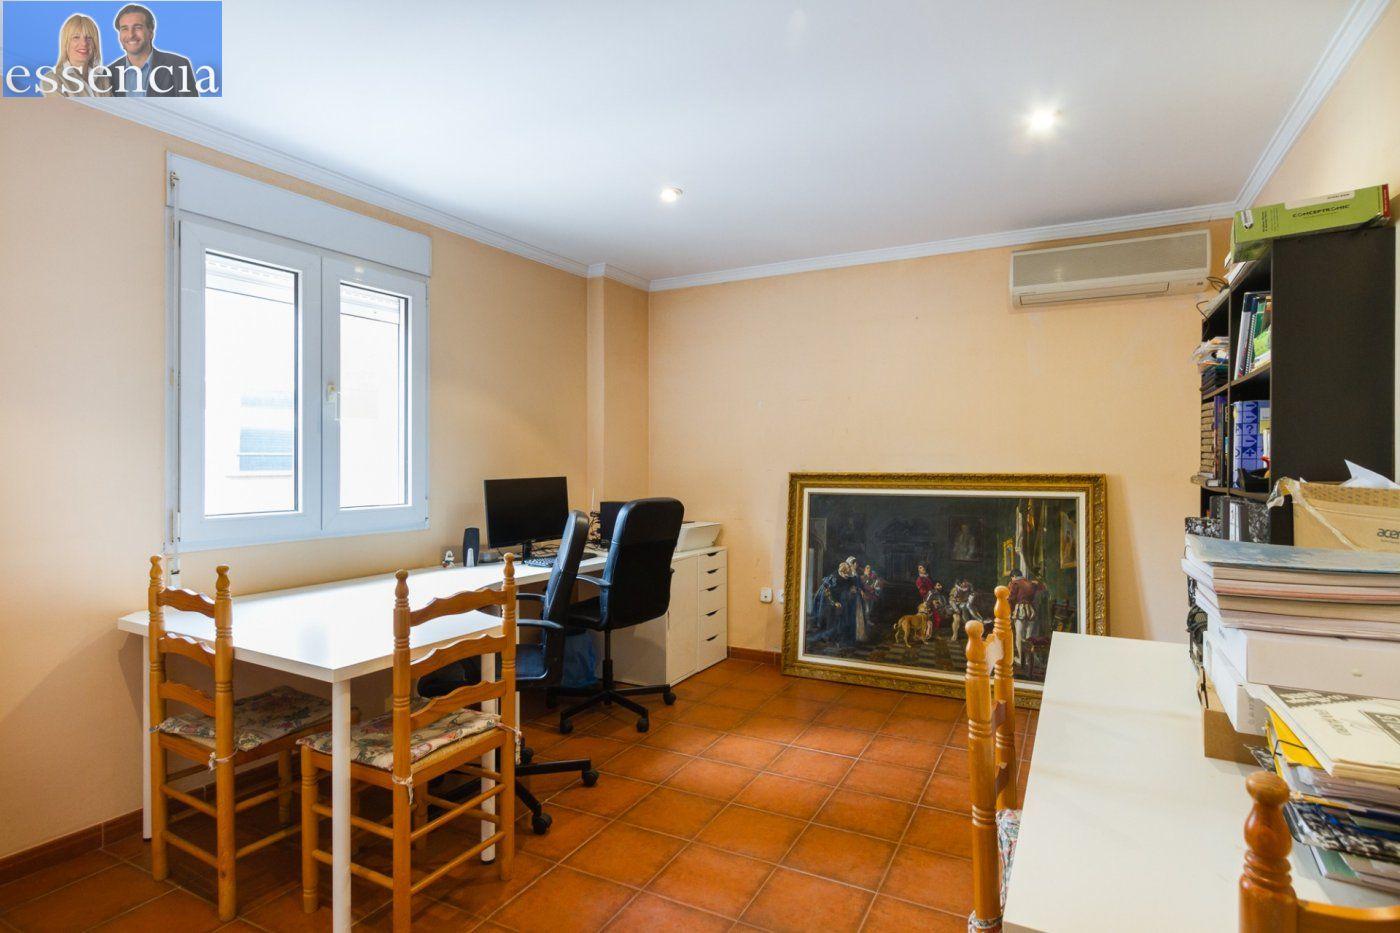 Casa con encanto en el centro de gandÍa para clientes vip - imagenInmueble15